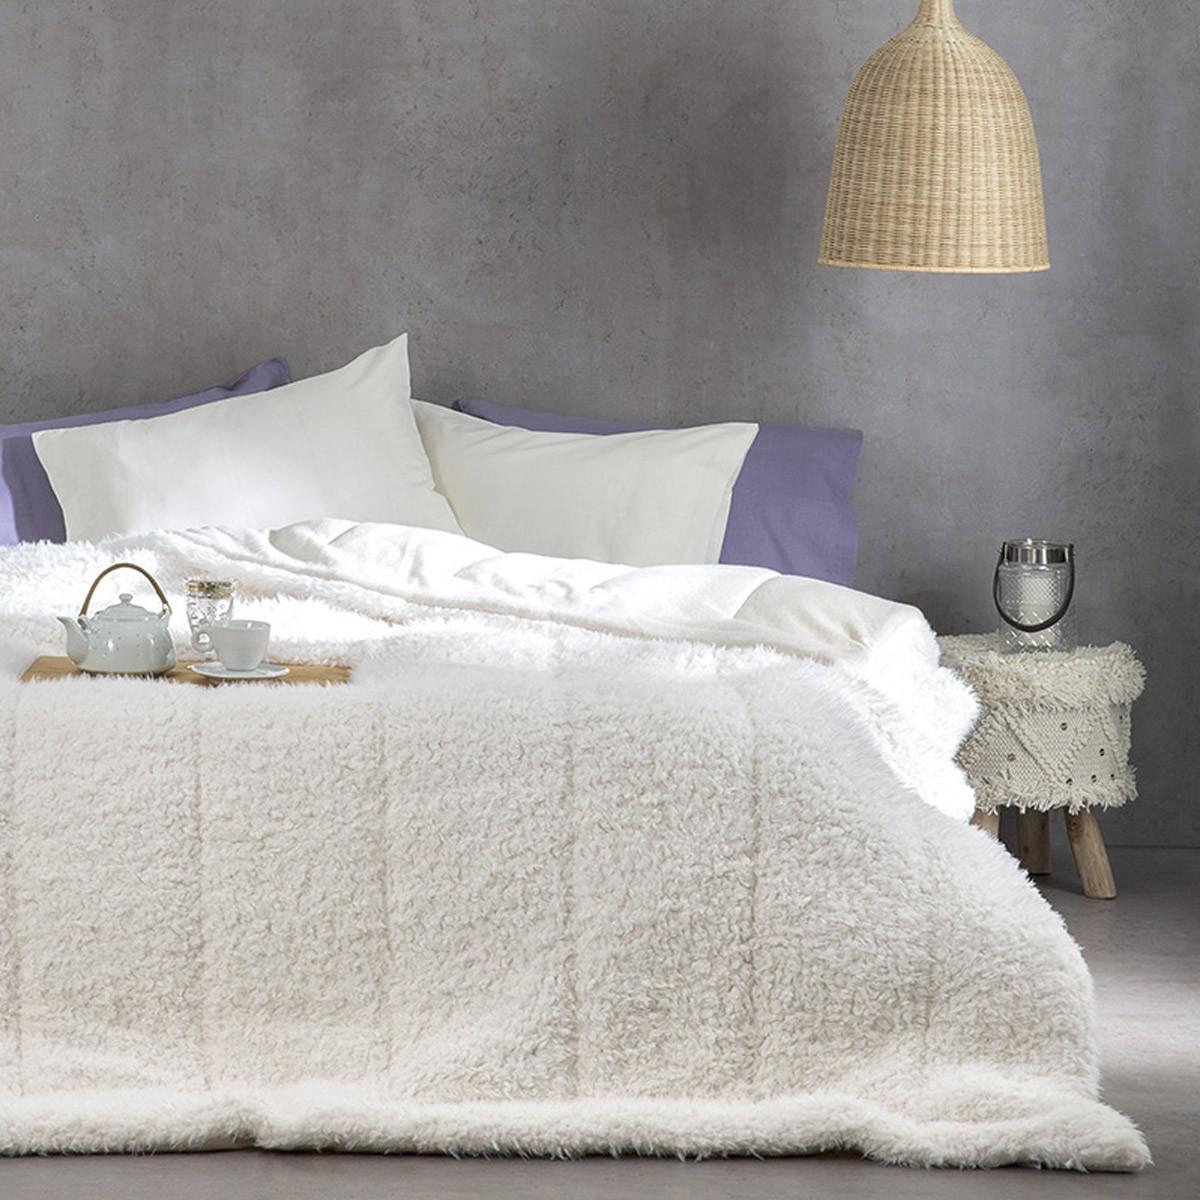 Κουβερτοπάπλωμα Υπέρδιπλο Nima Layers Smooth Ivory home   κρεβατοκάμαρα   παπλώματα   κουβερτοπαπλώματα